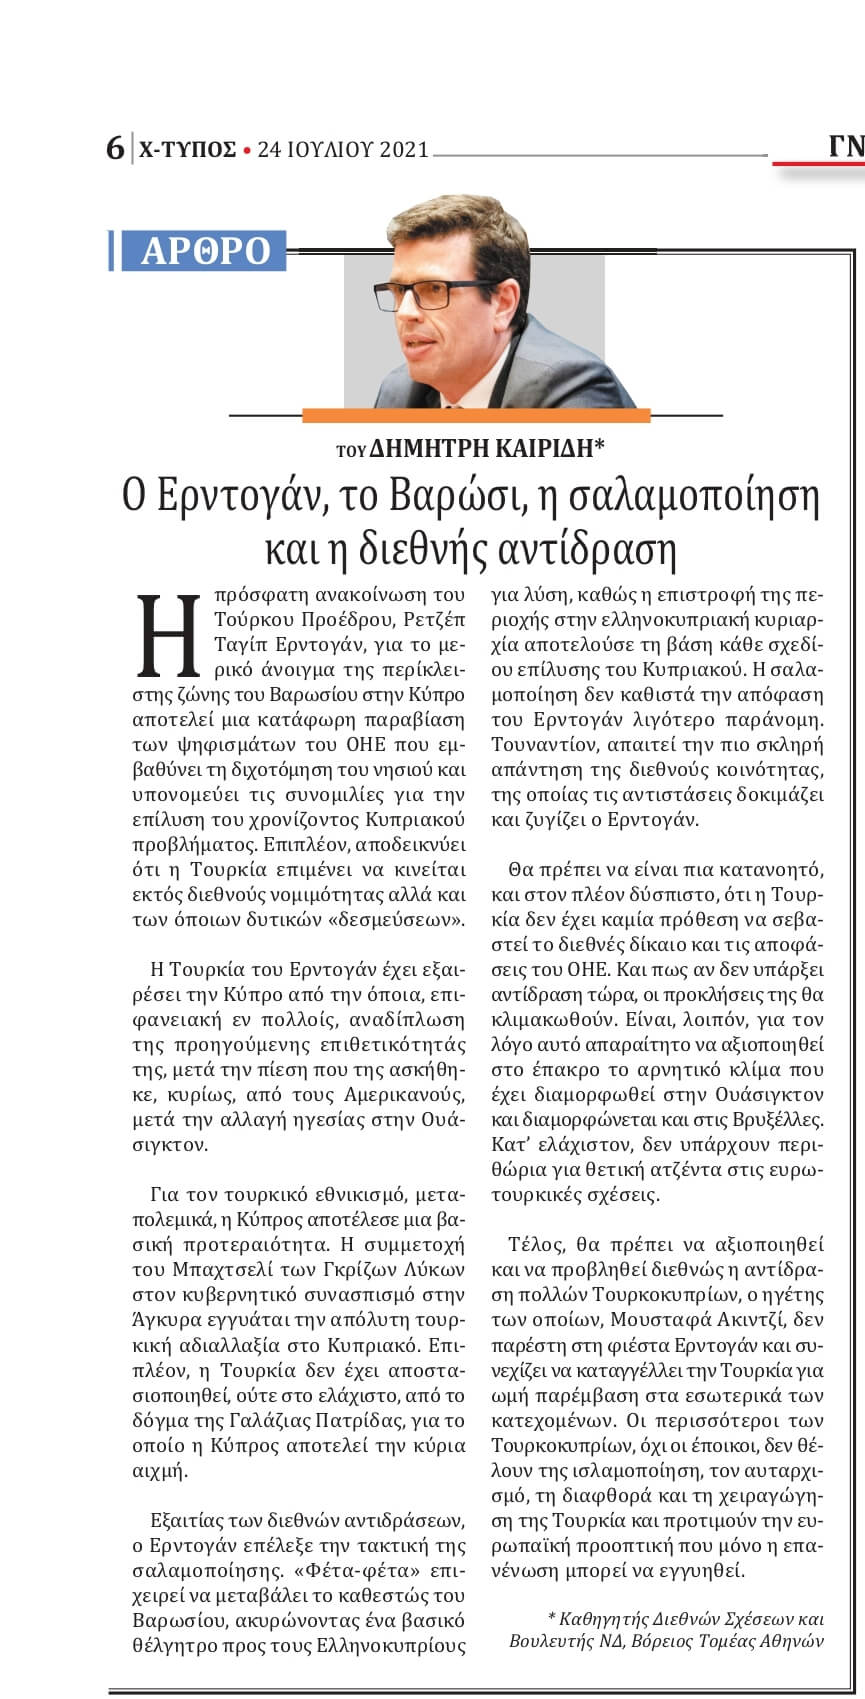 Ο Ερντογάν, το Βαρώσι, η σαλαμοποίηση και η διεθνής αντίδραση (Χτύπος)